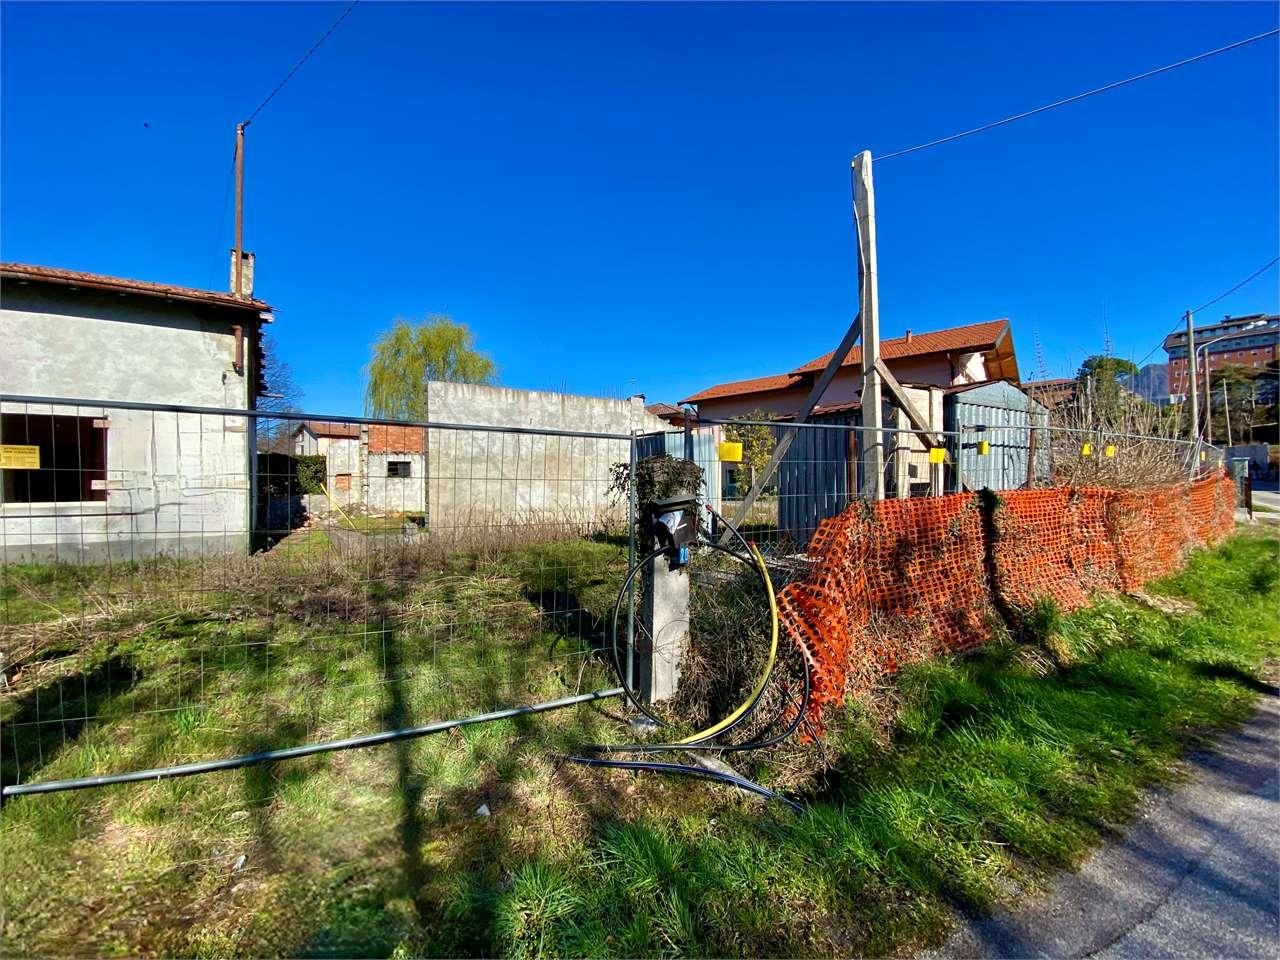 Rustico / Casale in vendita a Leggiuno, 6 locali, prezzo € 85.000 | PortaleAgenzieImmobiliari.it